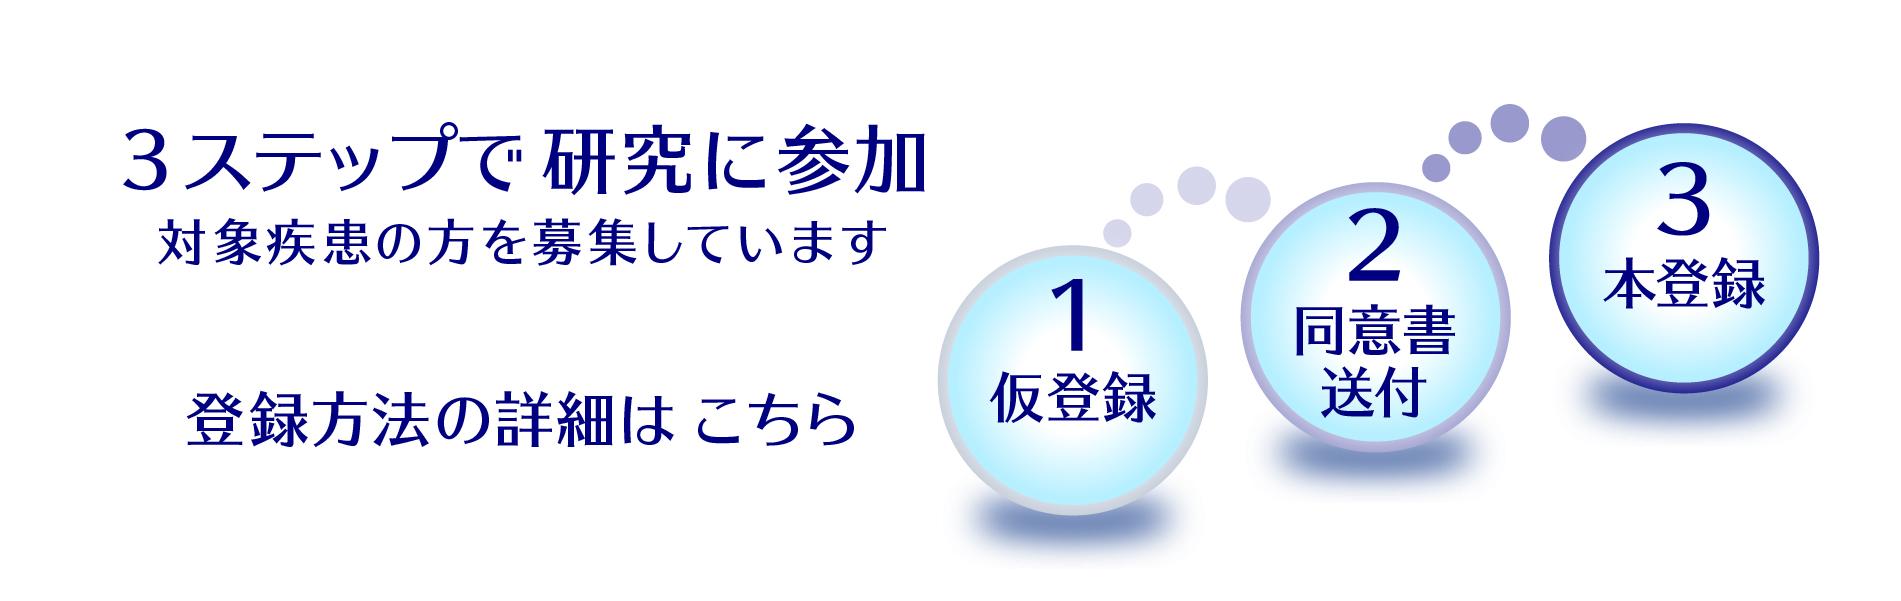 3ステップで研究に参加 RUDY JAPAN